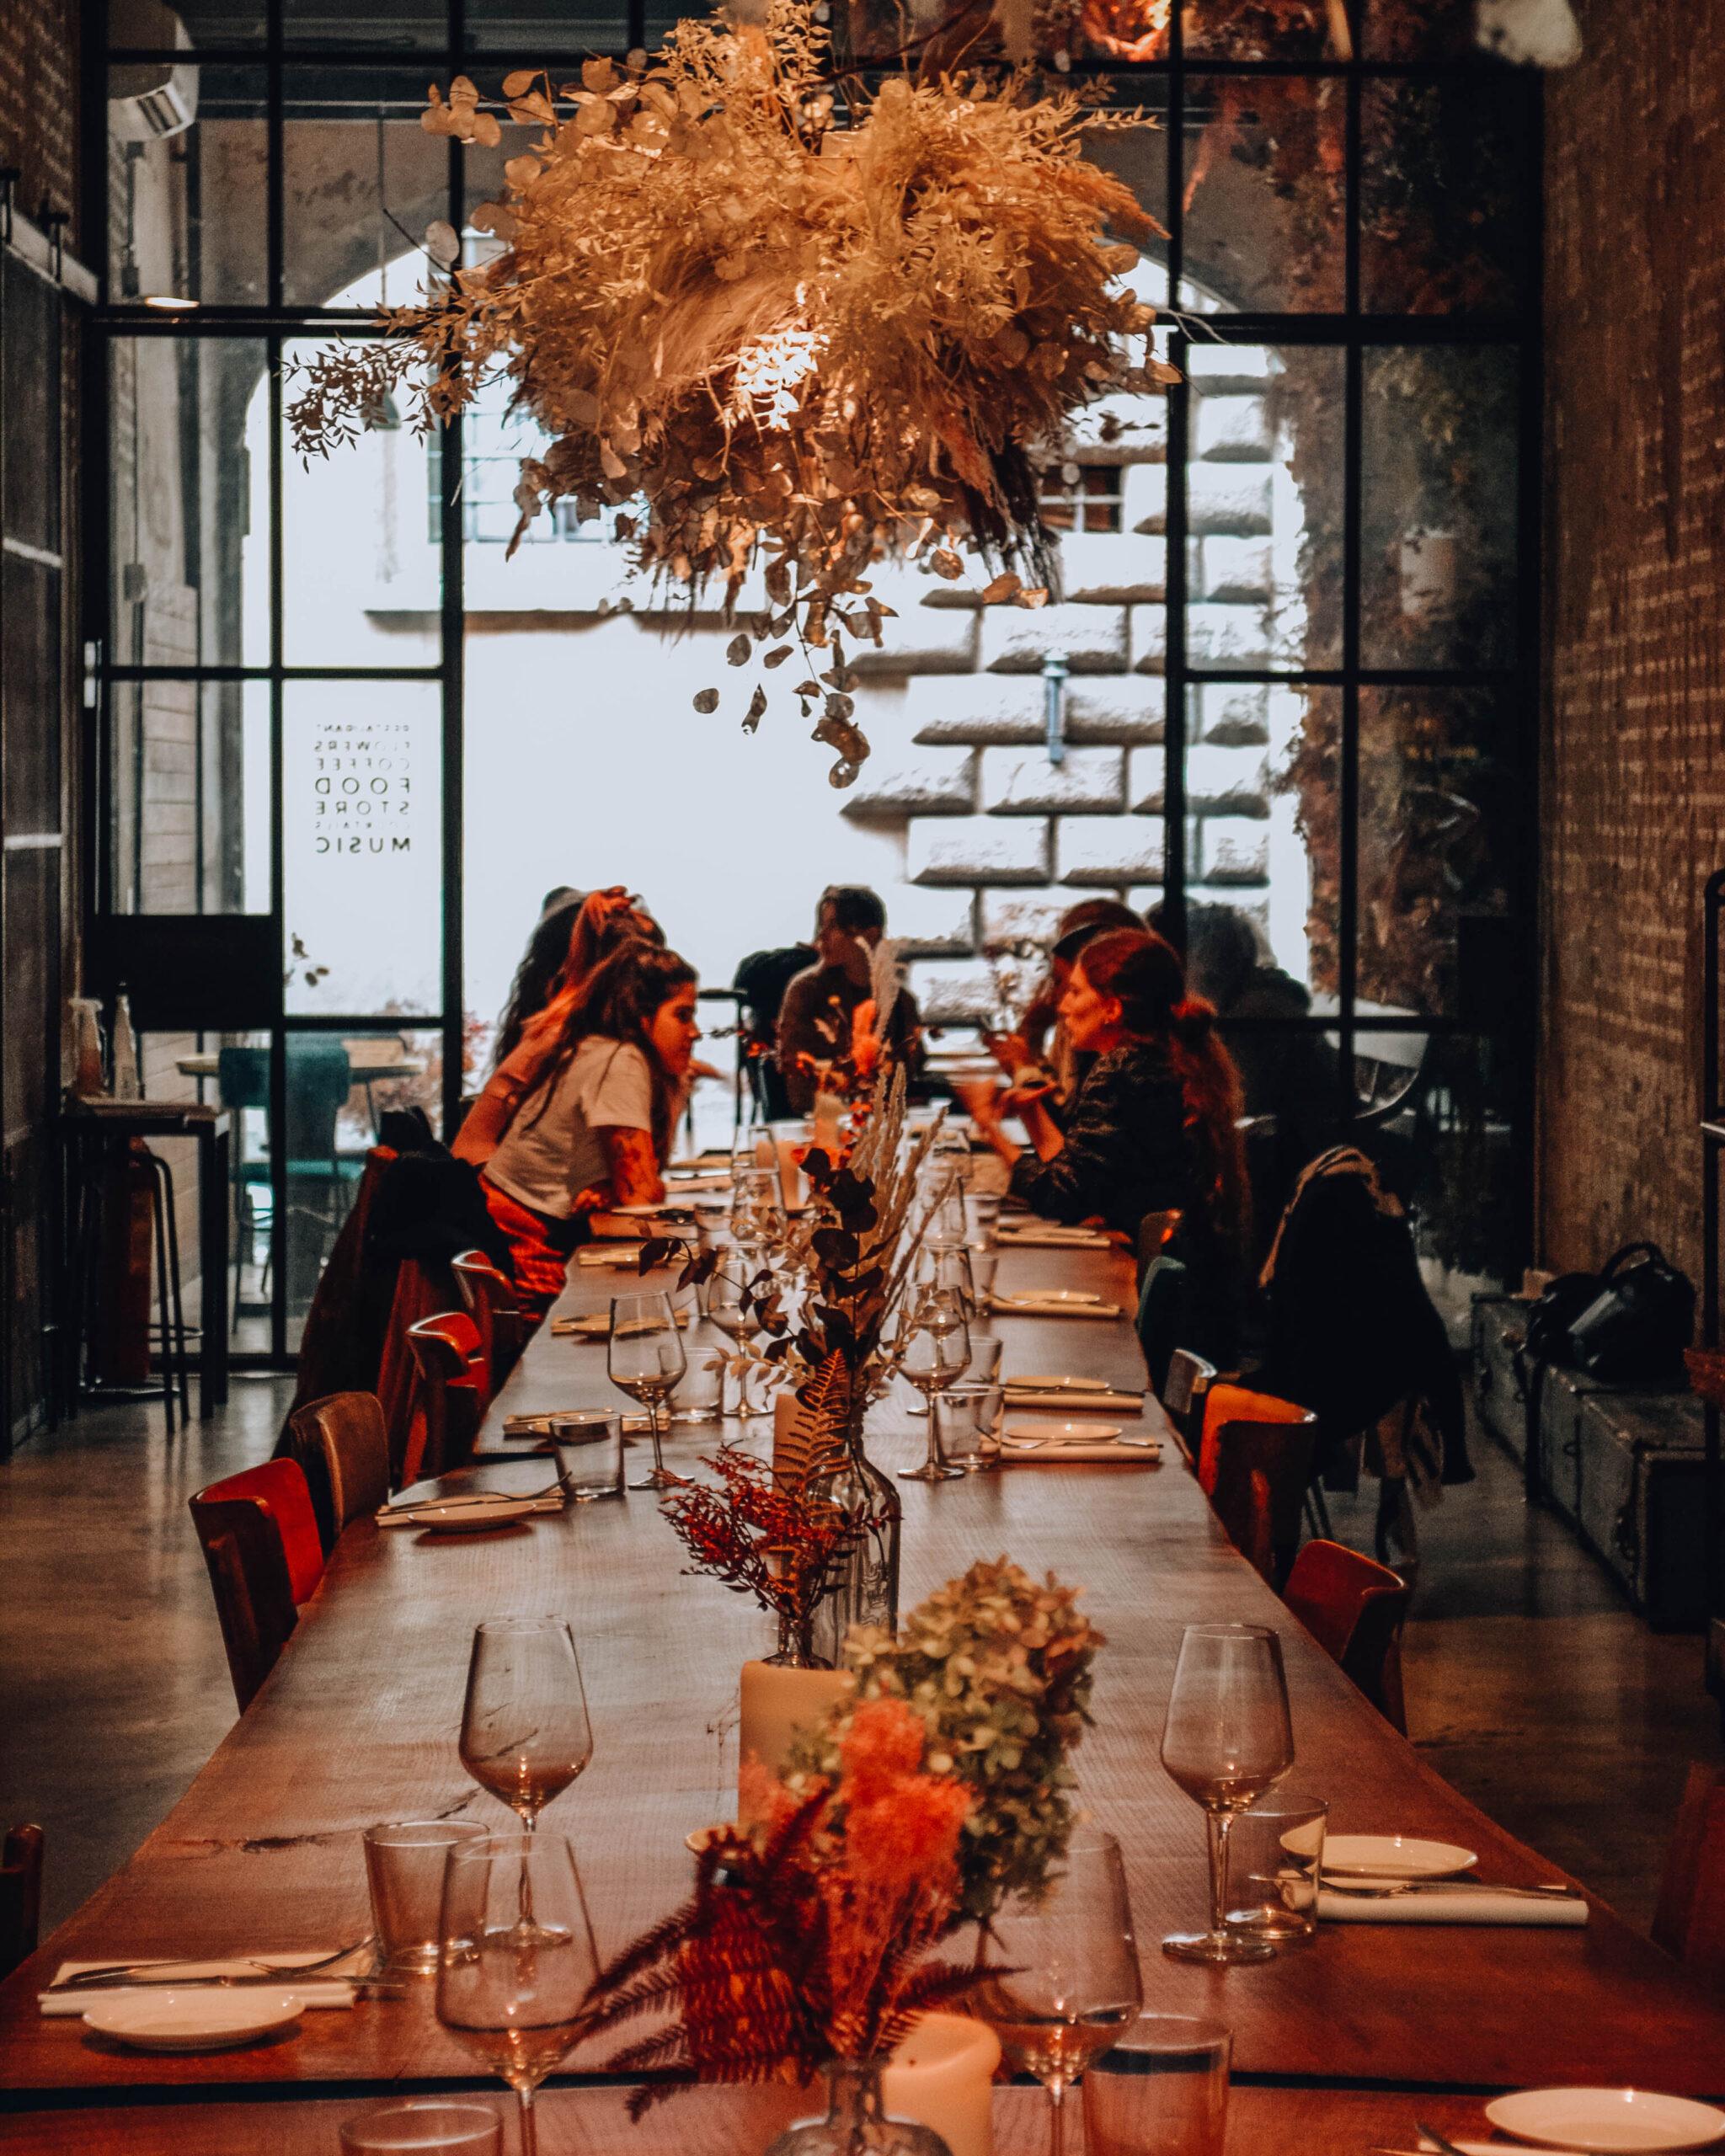 tavolo in legno con ragazze che mangiano in lontananza